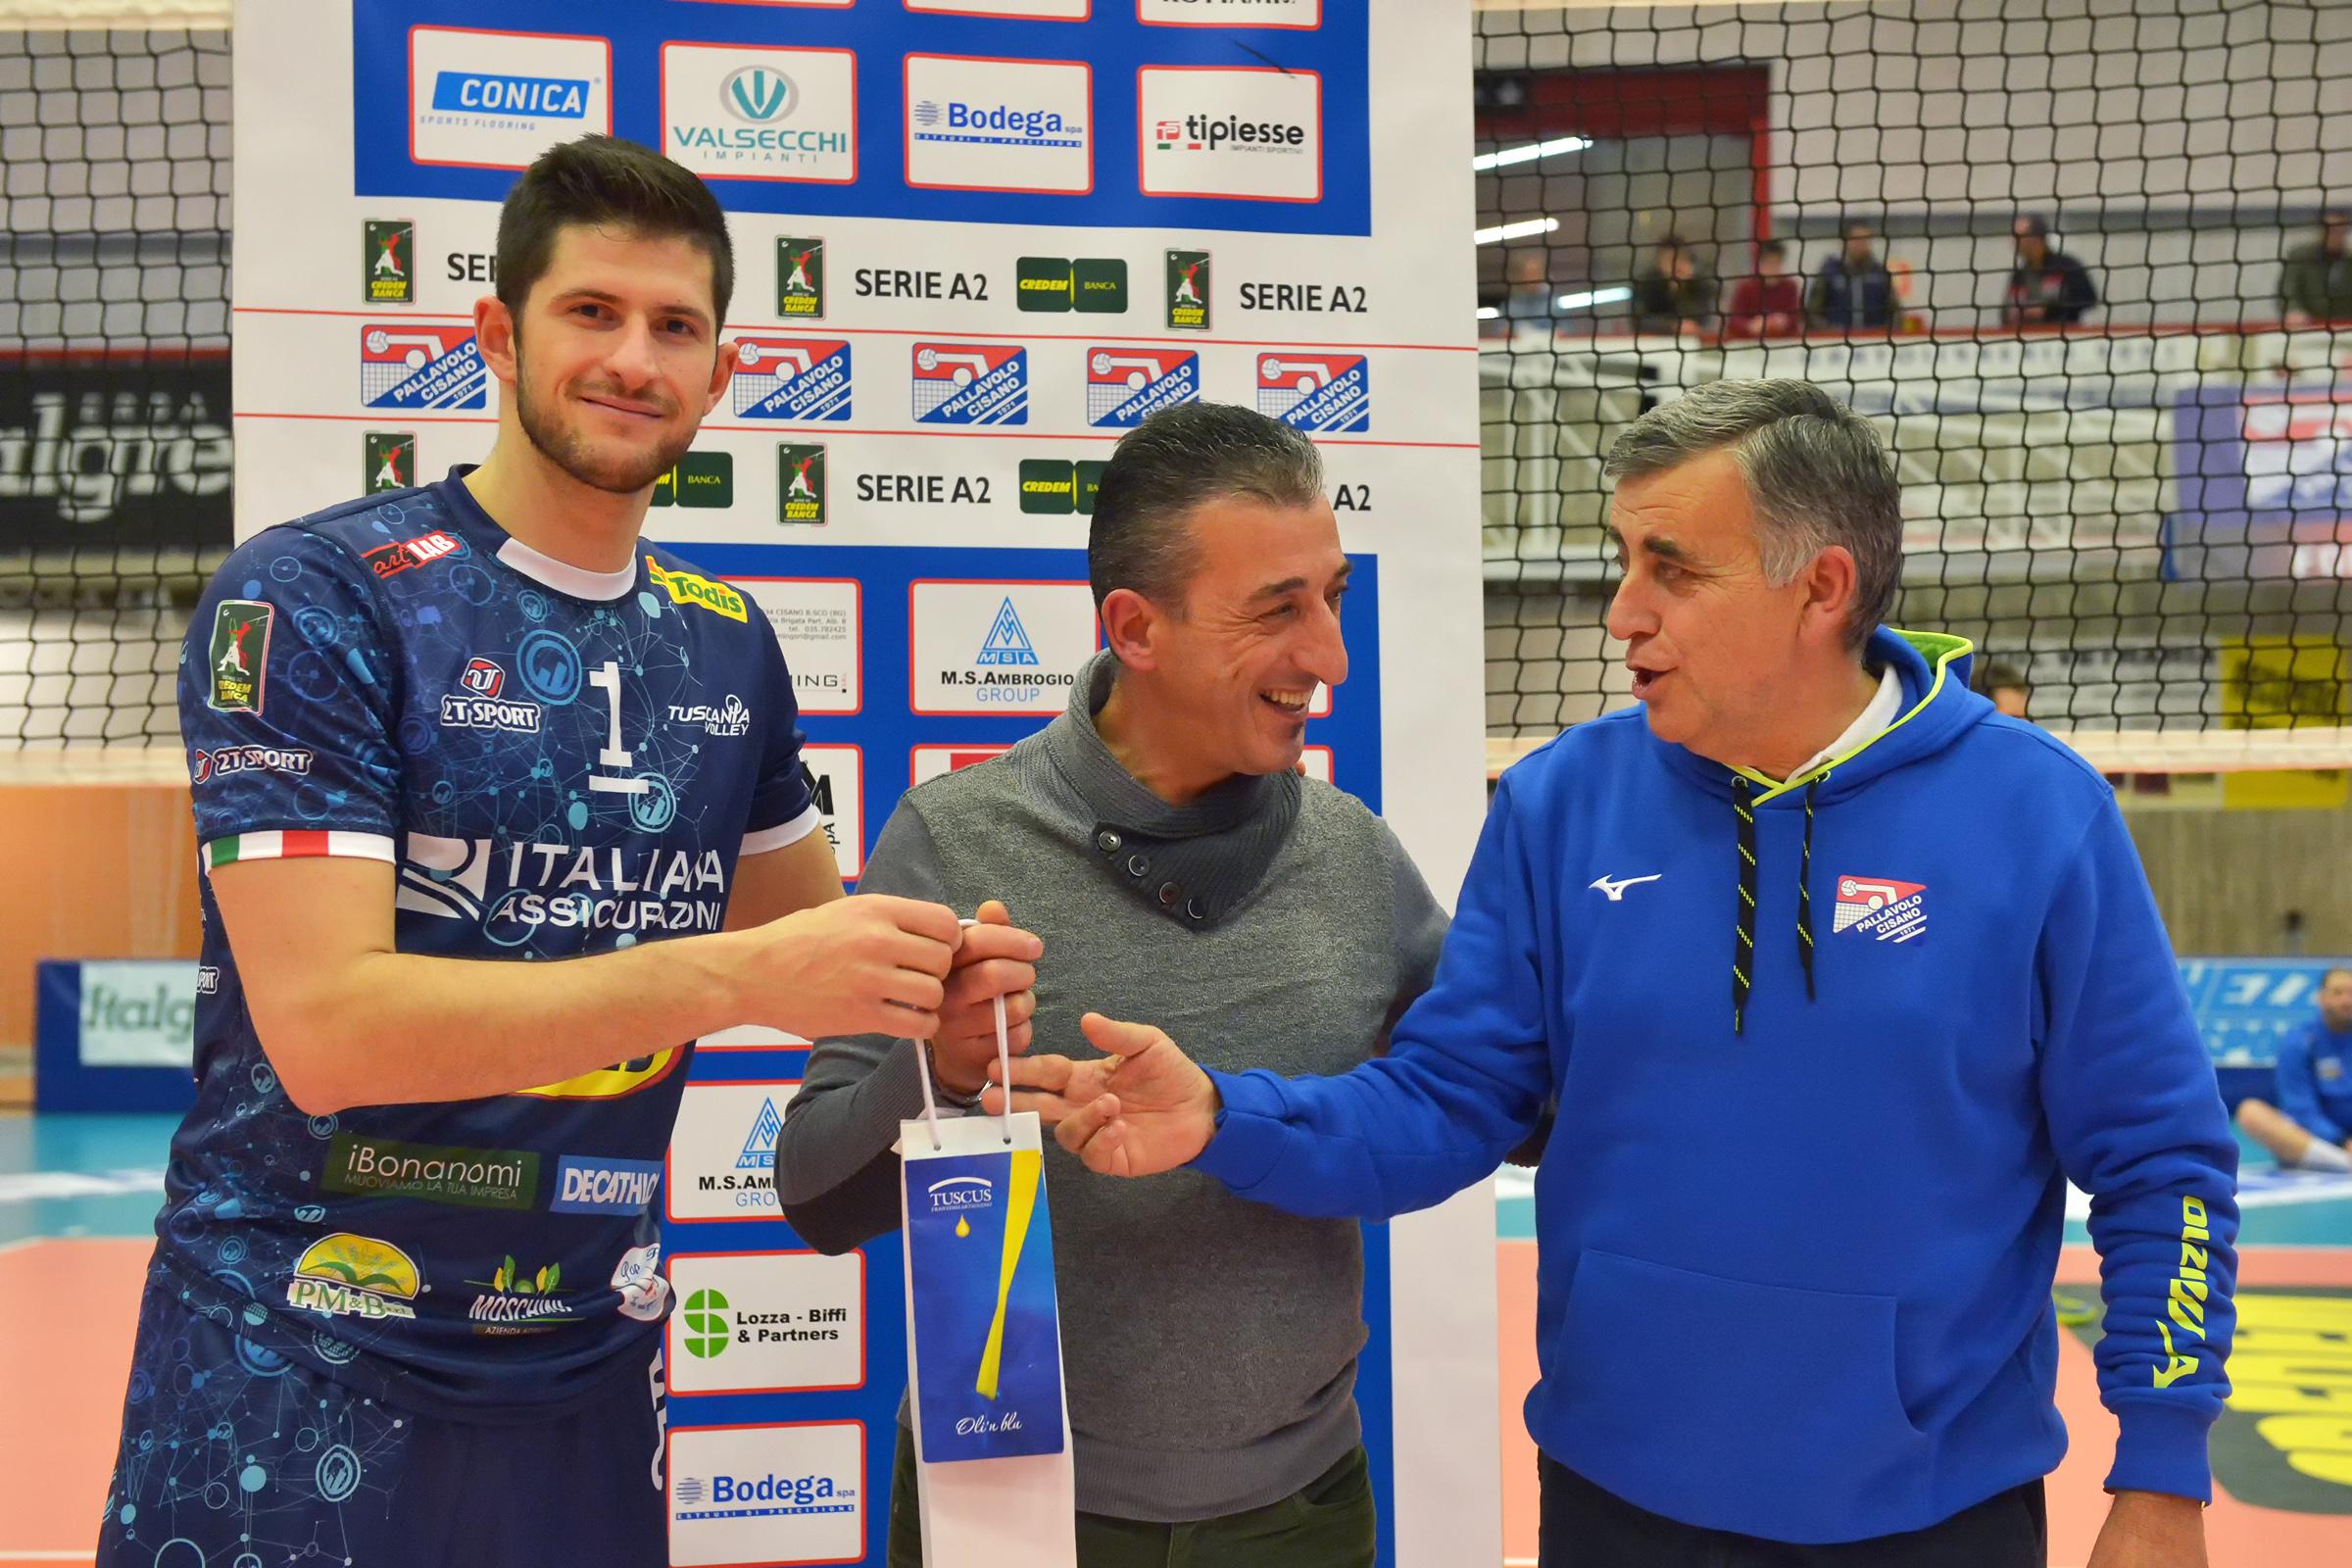 Tuscania Volley, fuori casa non va